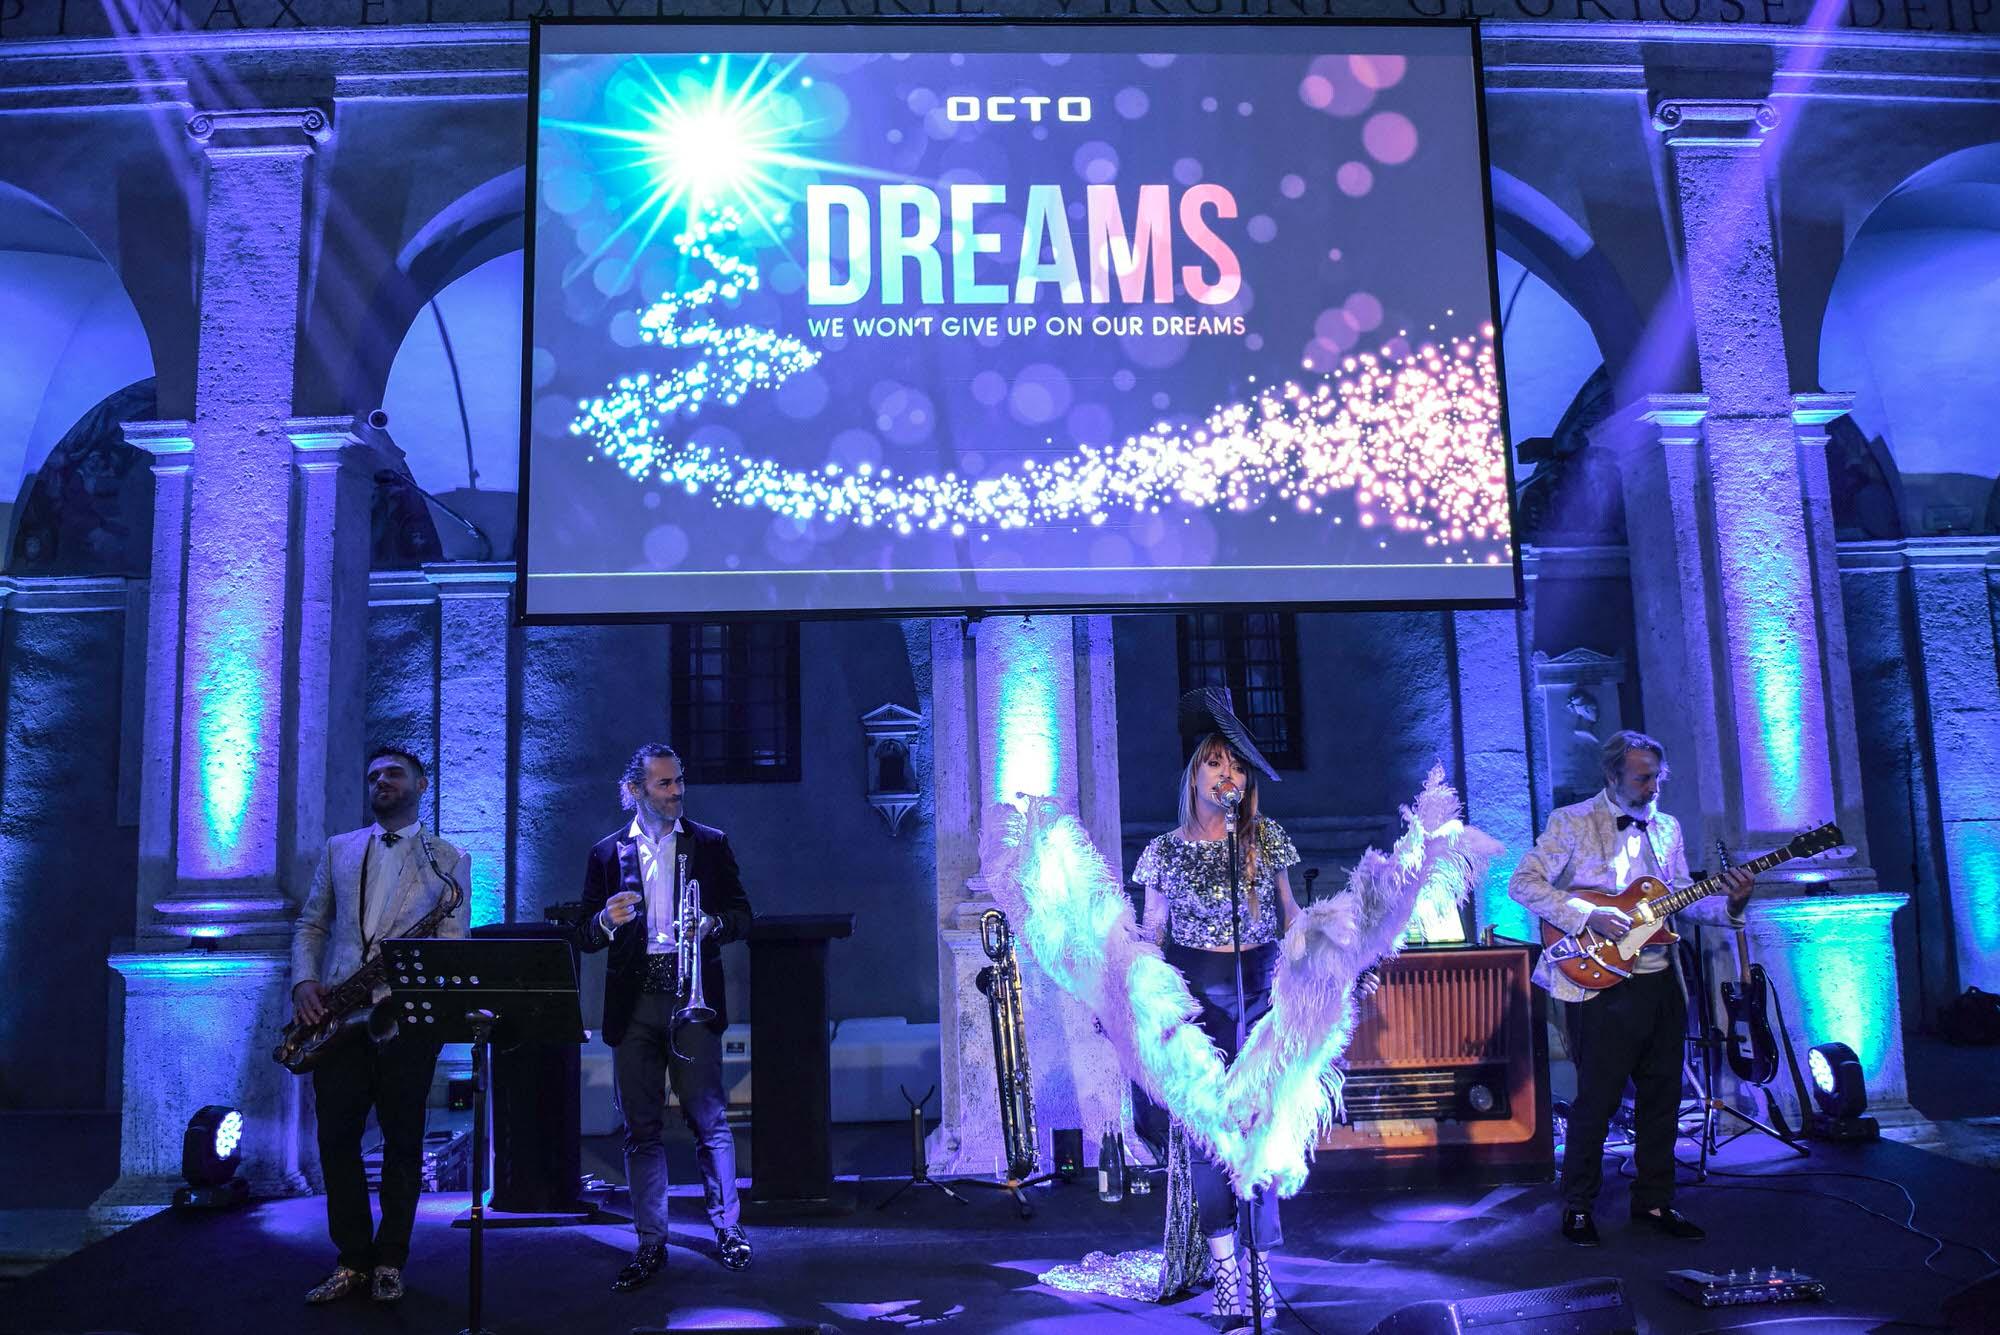 dreams-christmas-party-gruppo-peroni-eventi-03